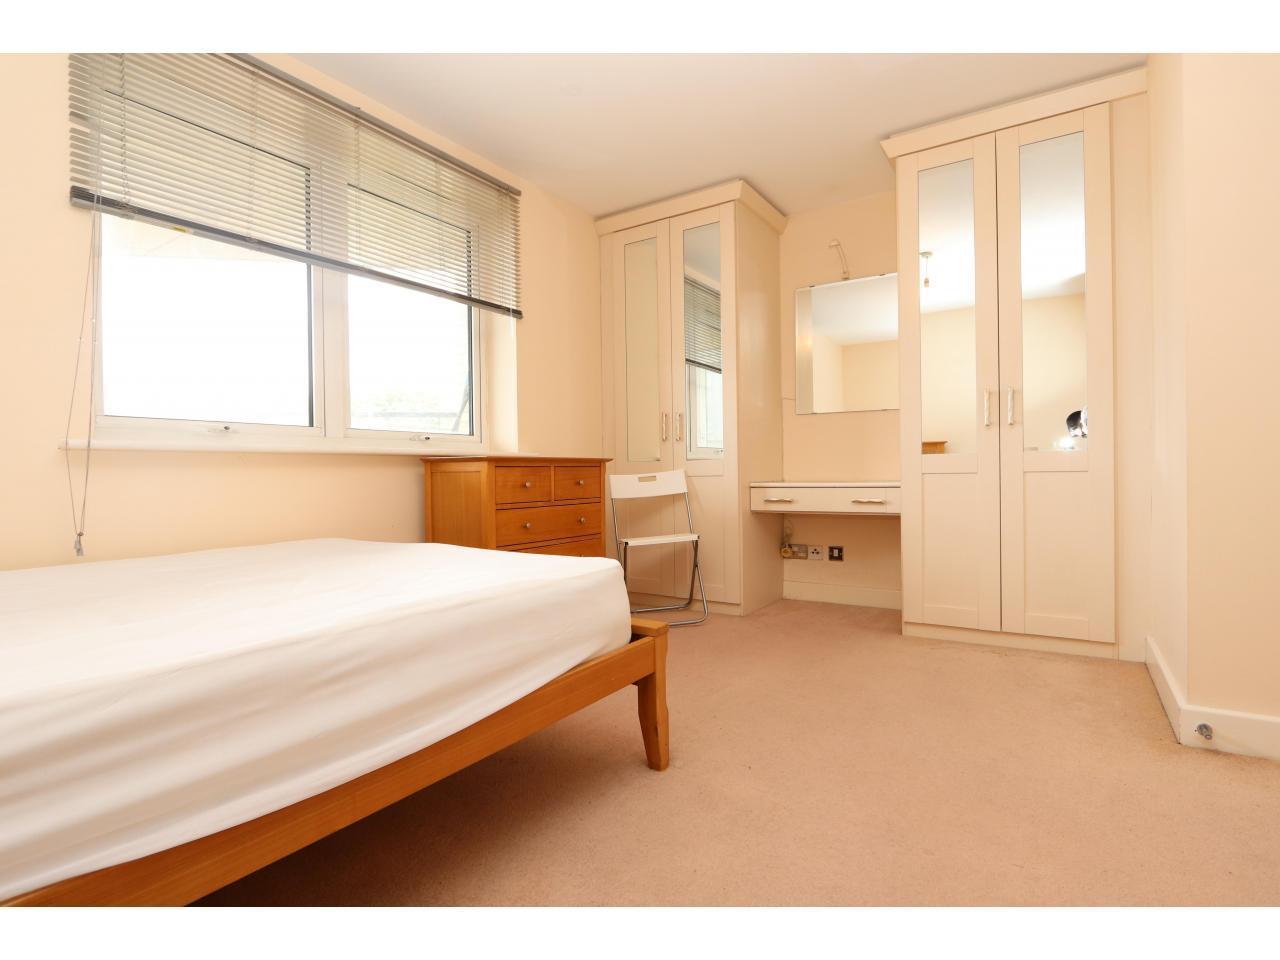 Приватная резиденция - Большая комната с балконом - 4